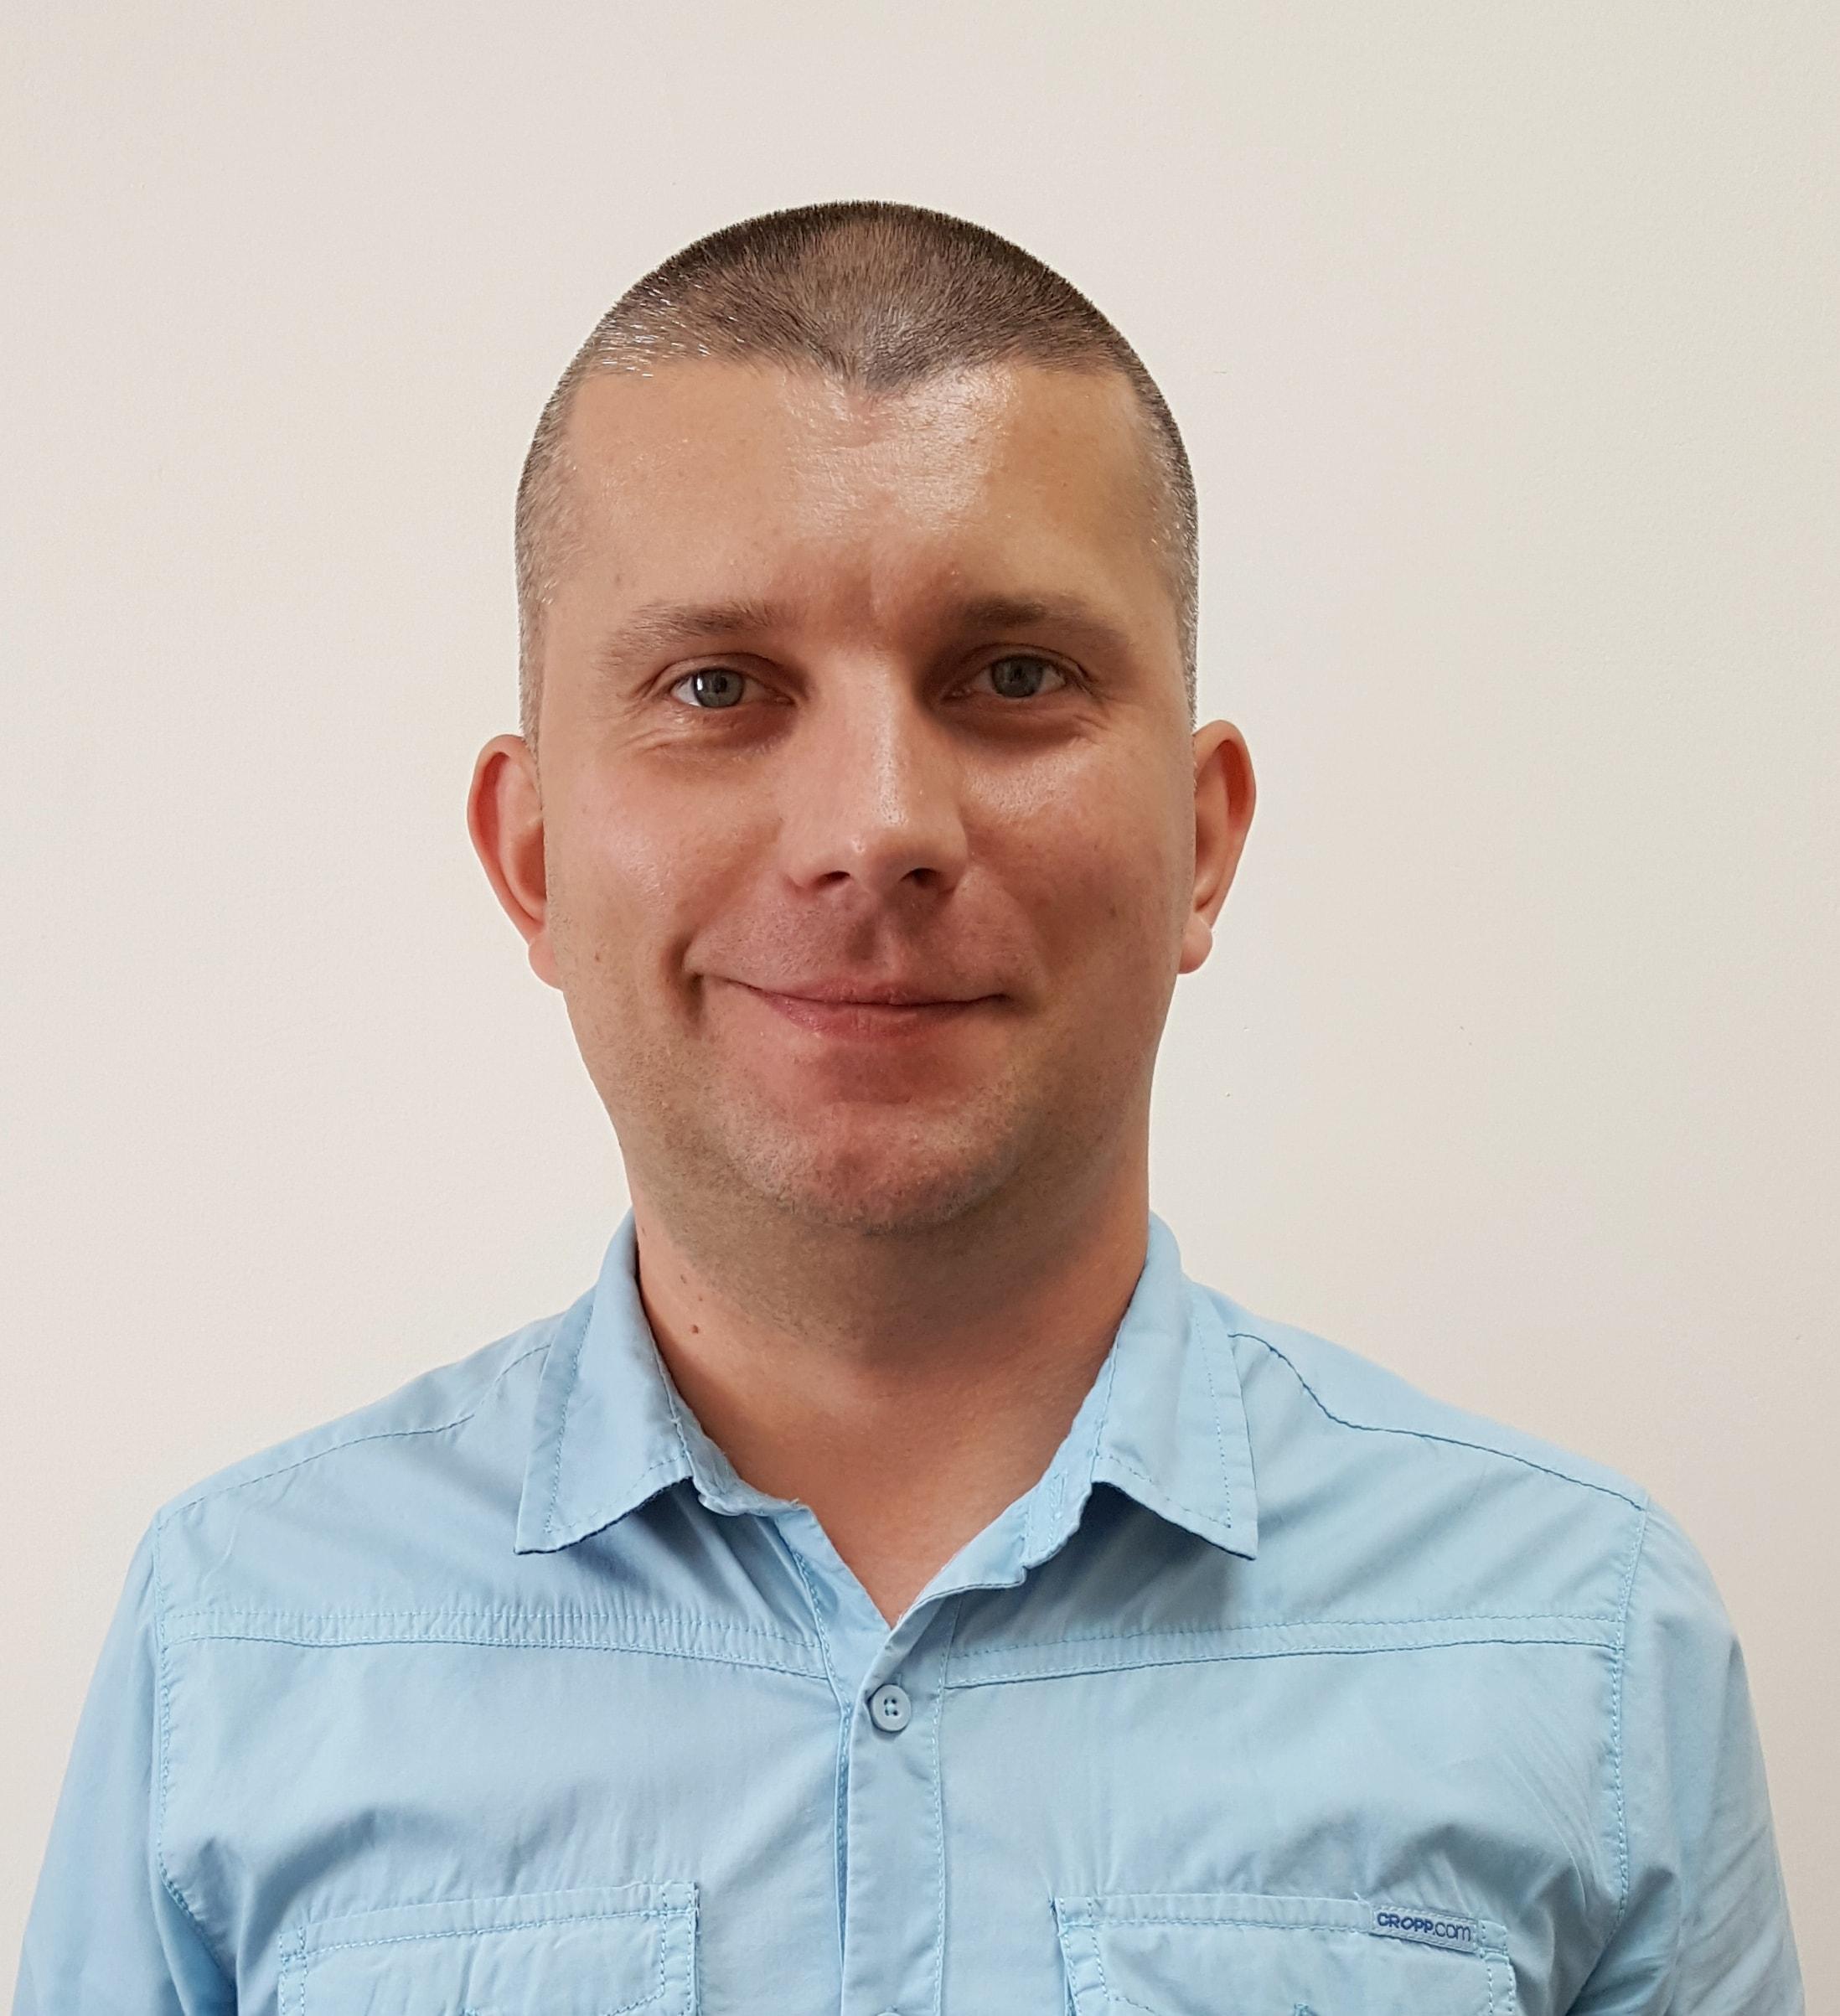 Jarek Zwoliński